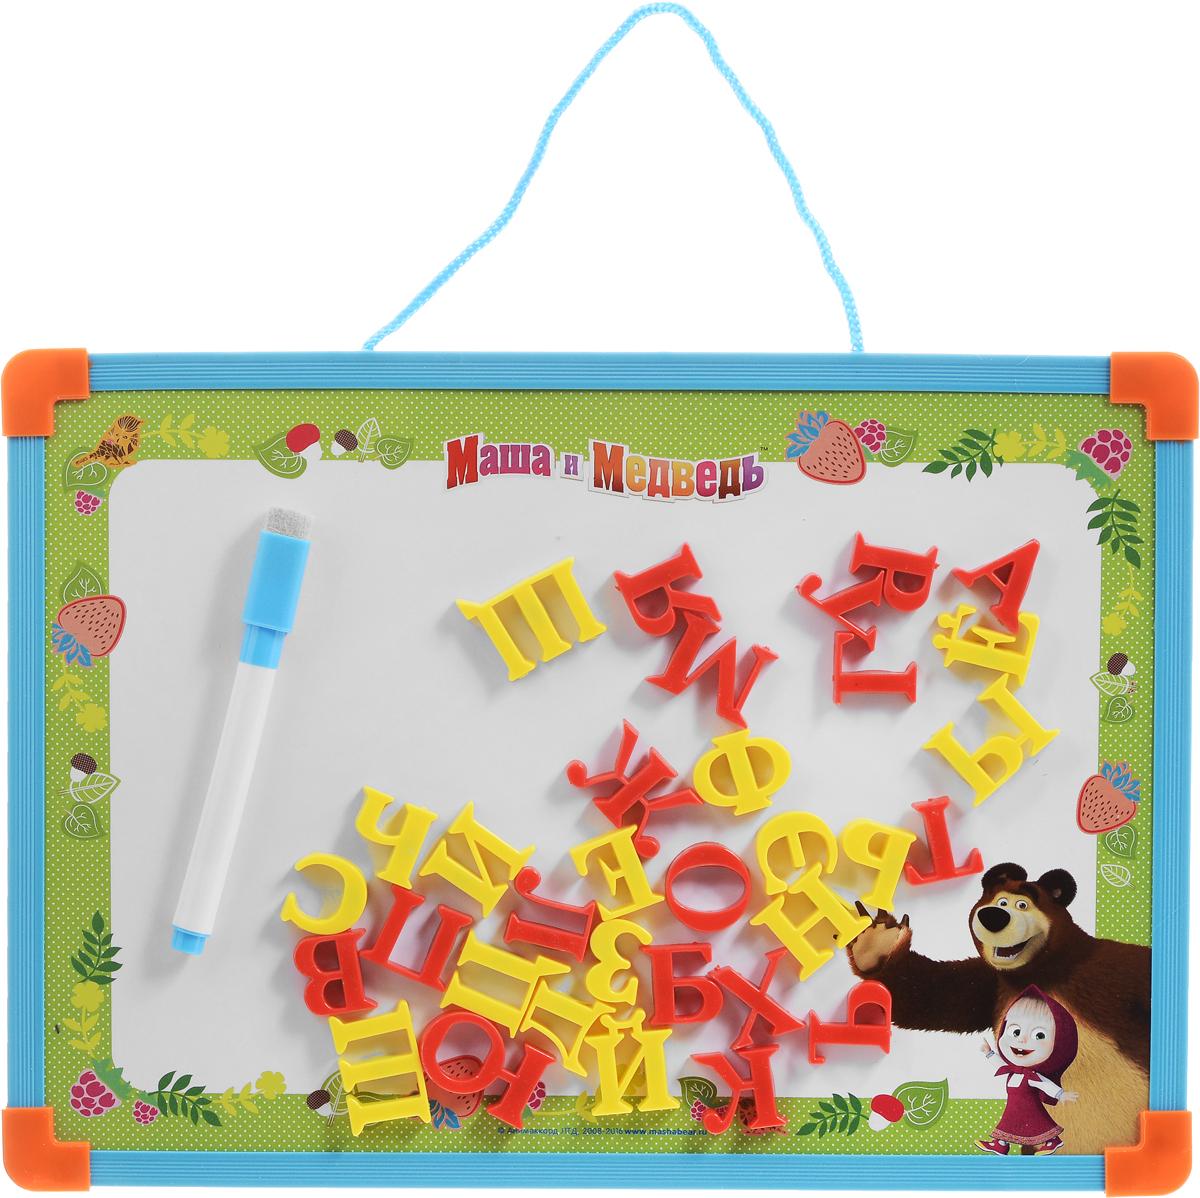 Играем вместе Магнитная доска Маша и МедведьL787-H27560-MBМагнитная доска Маша и Медведь - обучающая принадлежность, без которой сегодня не обойтись. На ней можно как рисовать или писать, так и раскладывать магнитные элементы. В комплекте с доской имеется стирающийся маркер и набор букв на магнитиках, при помощи которых ребенок сможет самостоятельно составлять слова. Доска оформлена в тематике любимого мультфильма Маша и Медведь и дополнена удобной веревочкой для подвешивания. Занимаясь с ребенком, с помощью этой доски вы постепенно подготовите его к школьным занятиям и спасете стены вашего жилья от росписи юным художником.